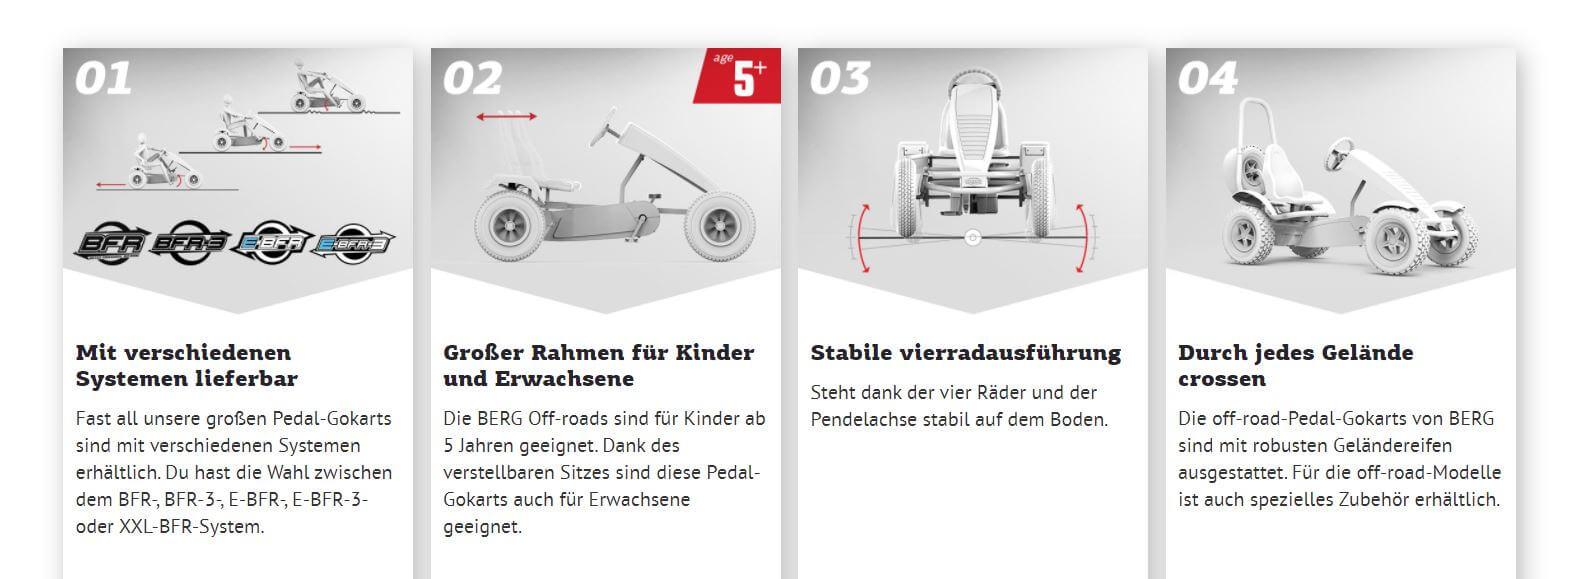 BERG Antriebe - Erklärung gokart-profi.de